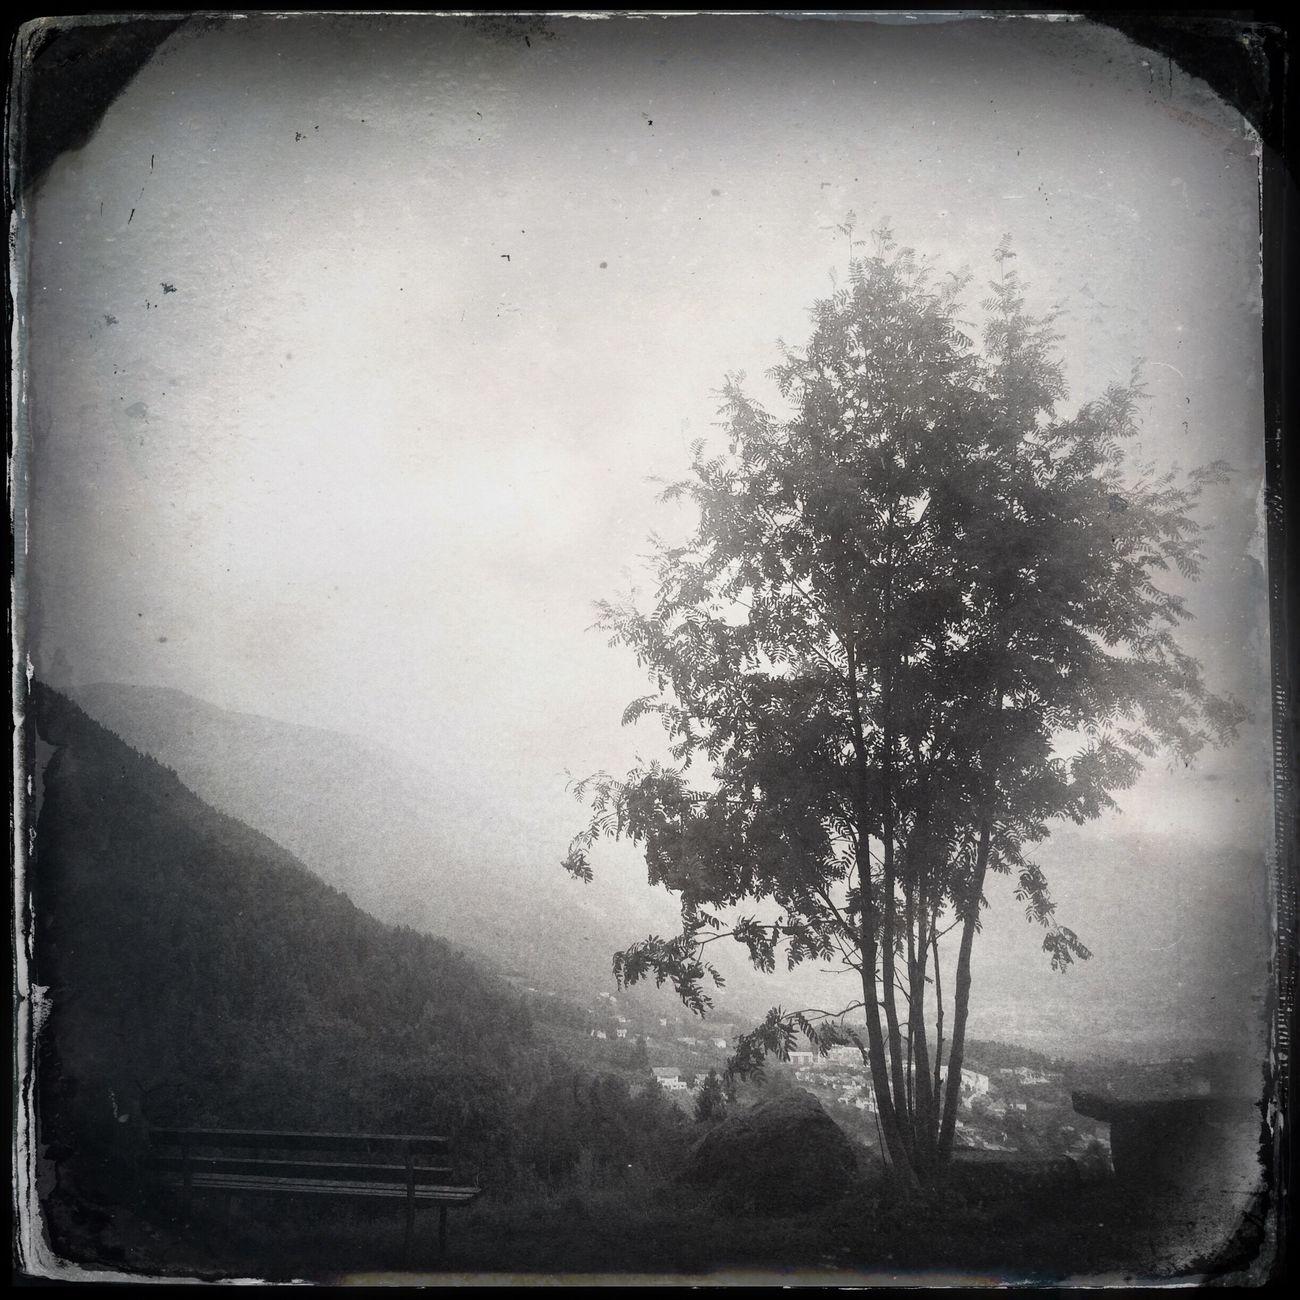 It's raining Blackandwhite Tree Hipstamatic The_guido